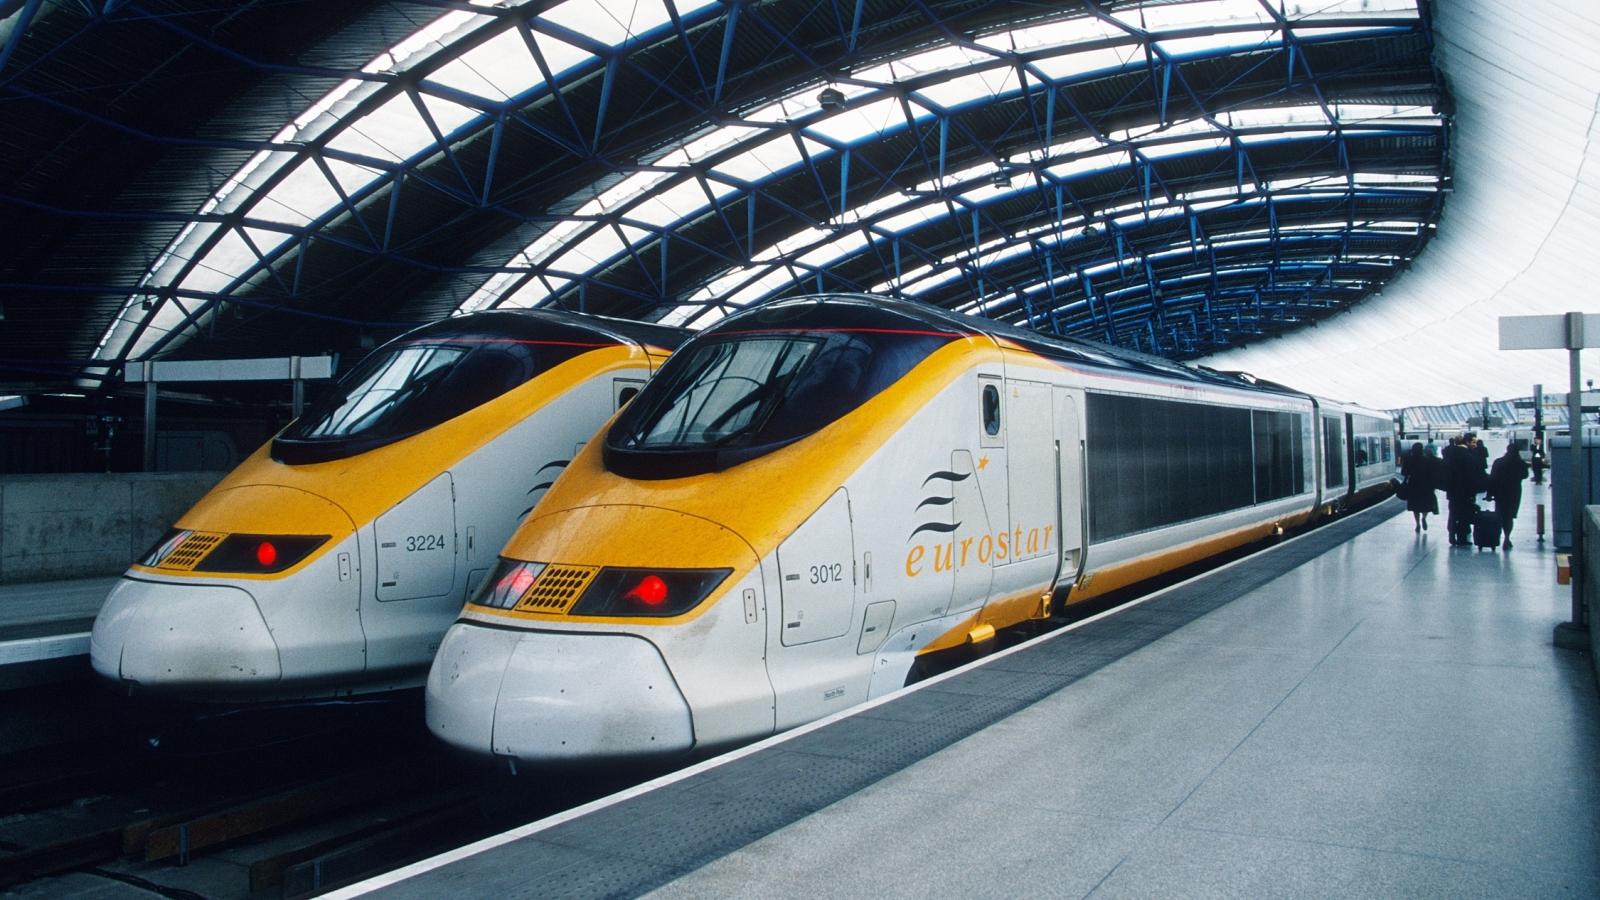 Kanalekspressen Eurostar 373 på Waterloo stasjon. Bilde fra Wikipedia Commons.